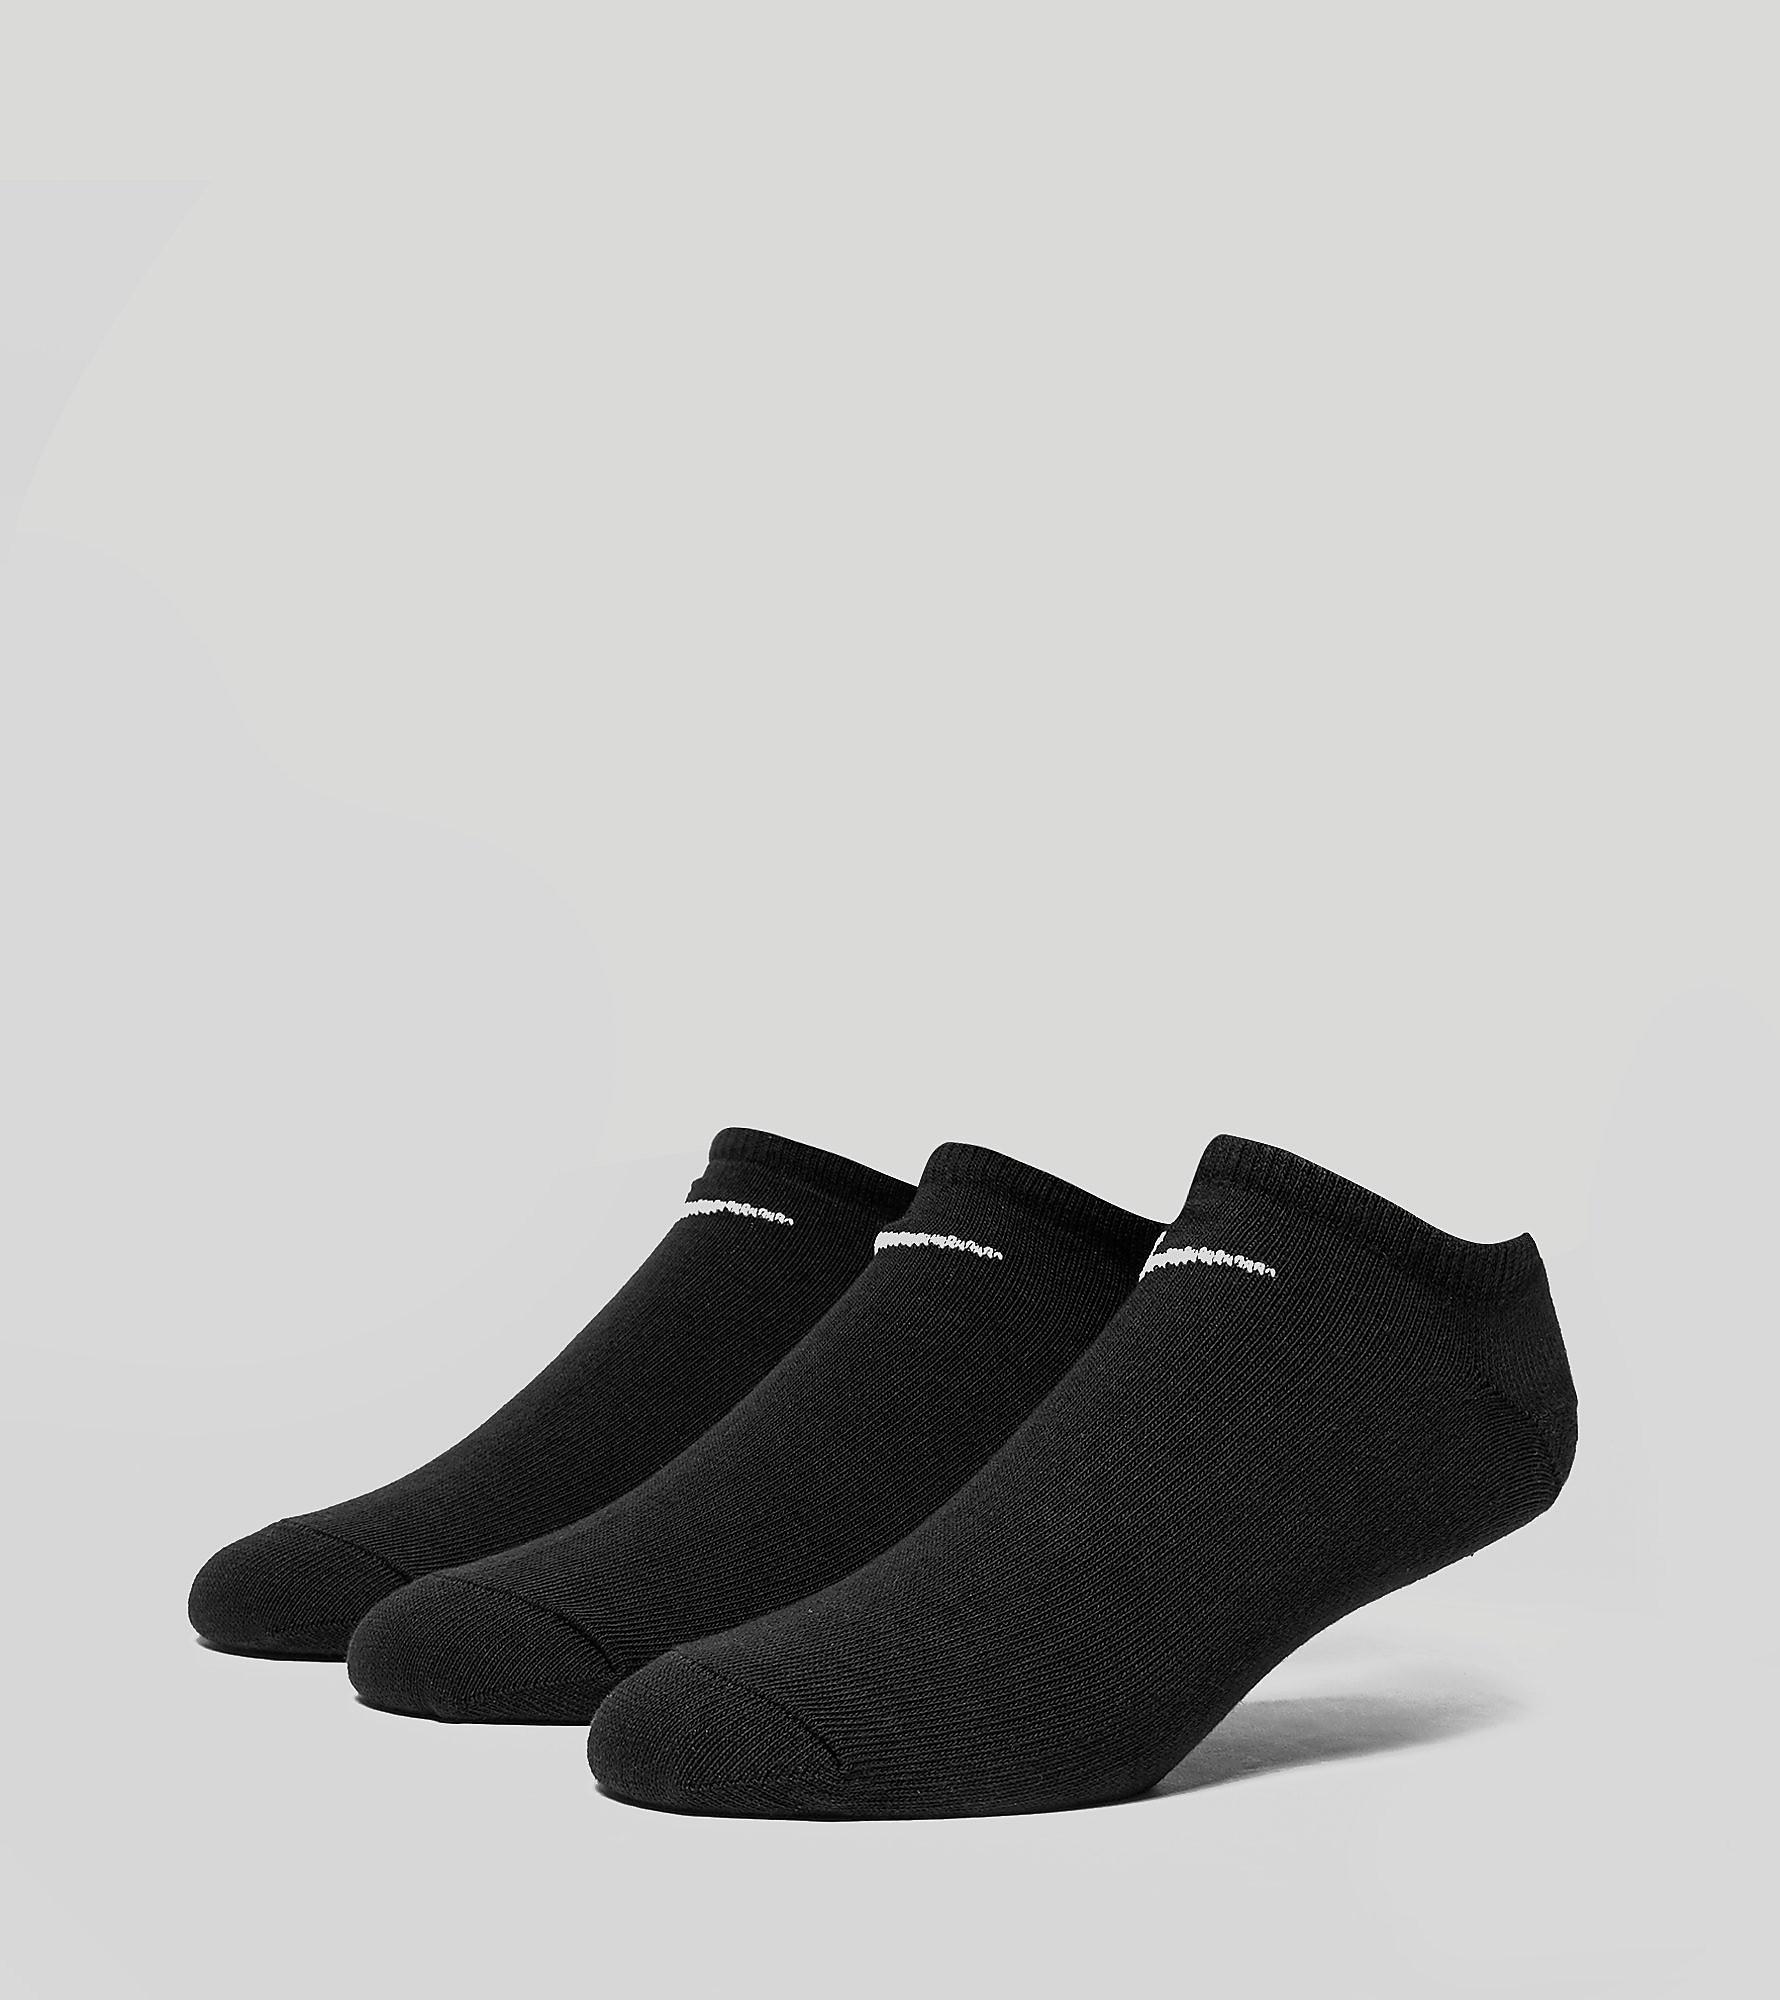 Nike Cushioned No-Show 3 Pack Socks